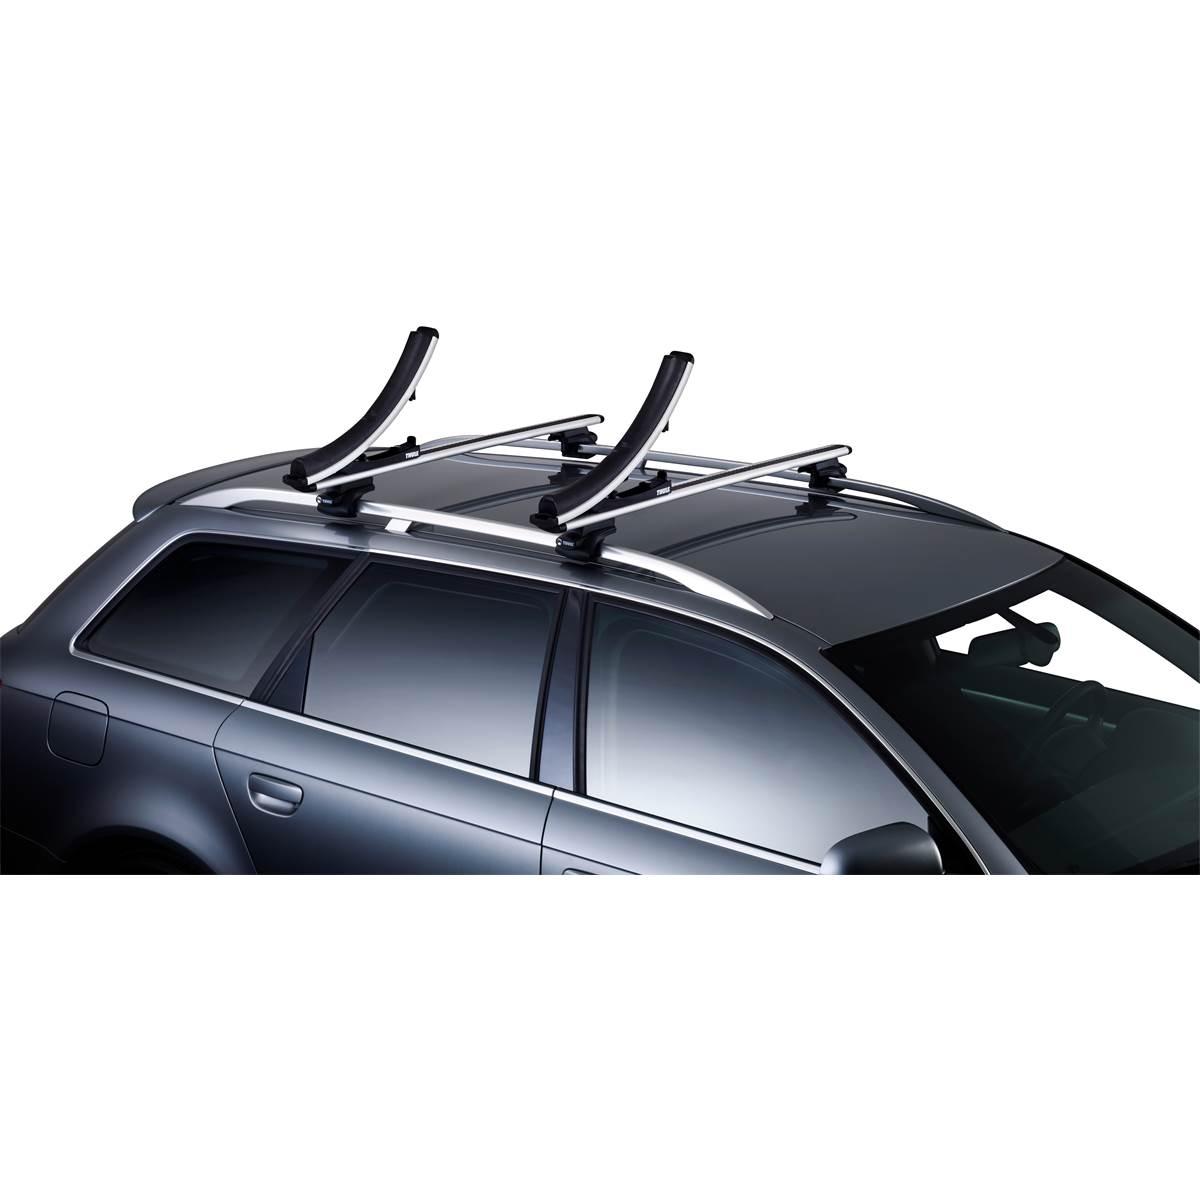 Transport porte thule for Porte kayak voiture